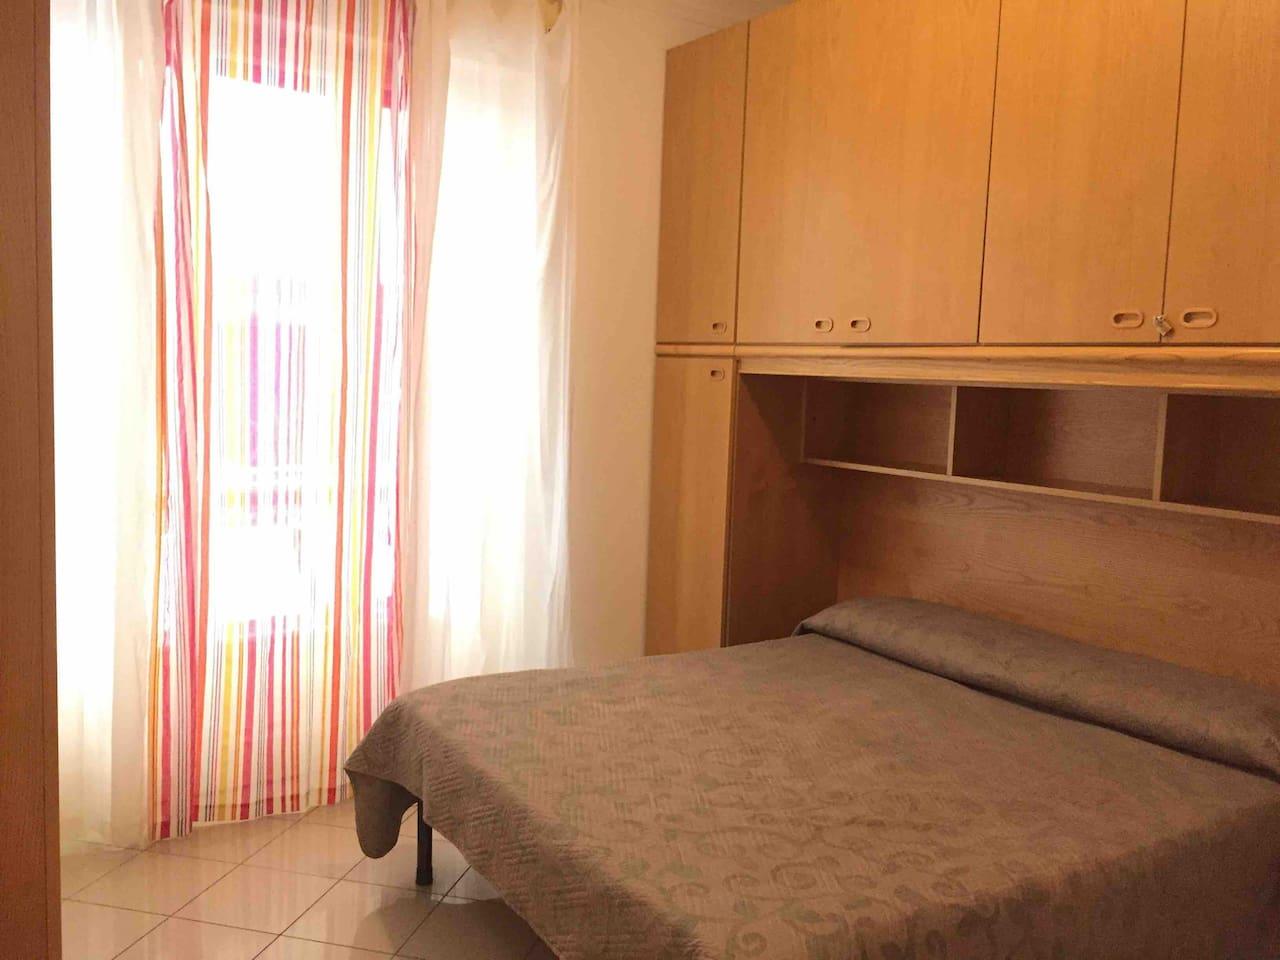 Camera da letto matrimoniale con terrazzino